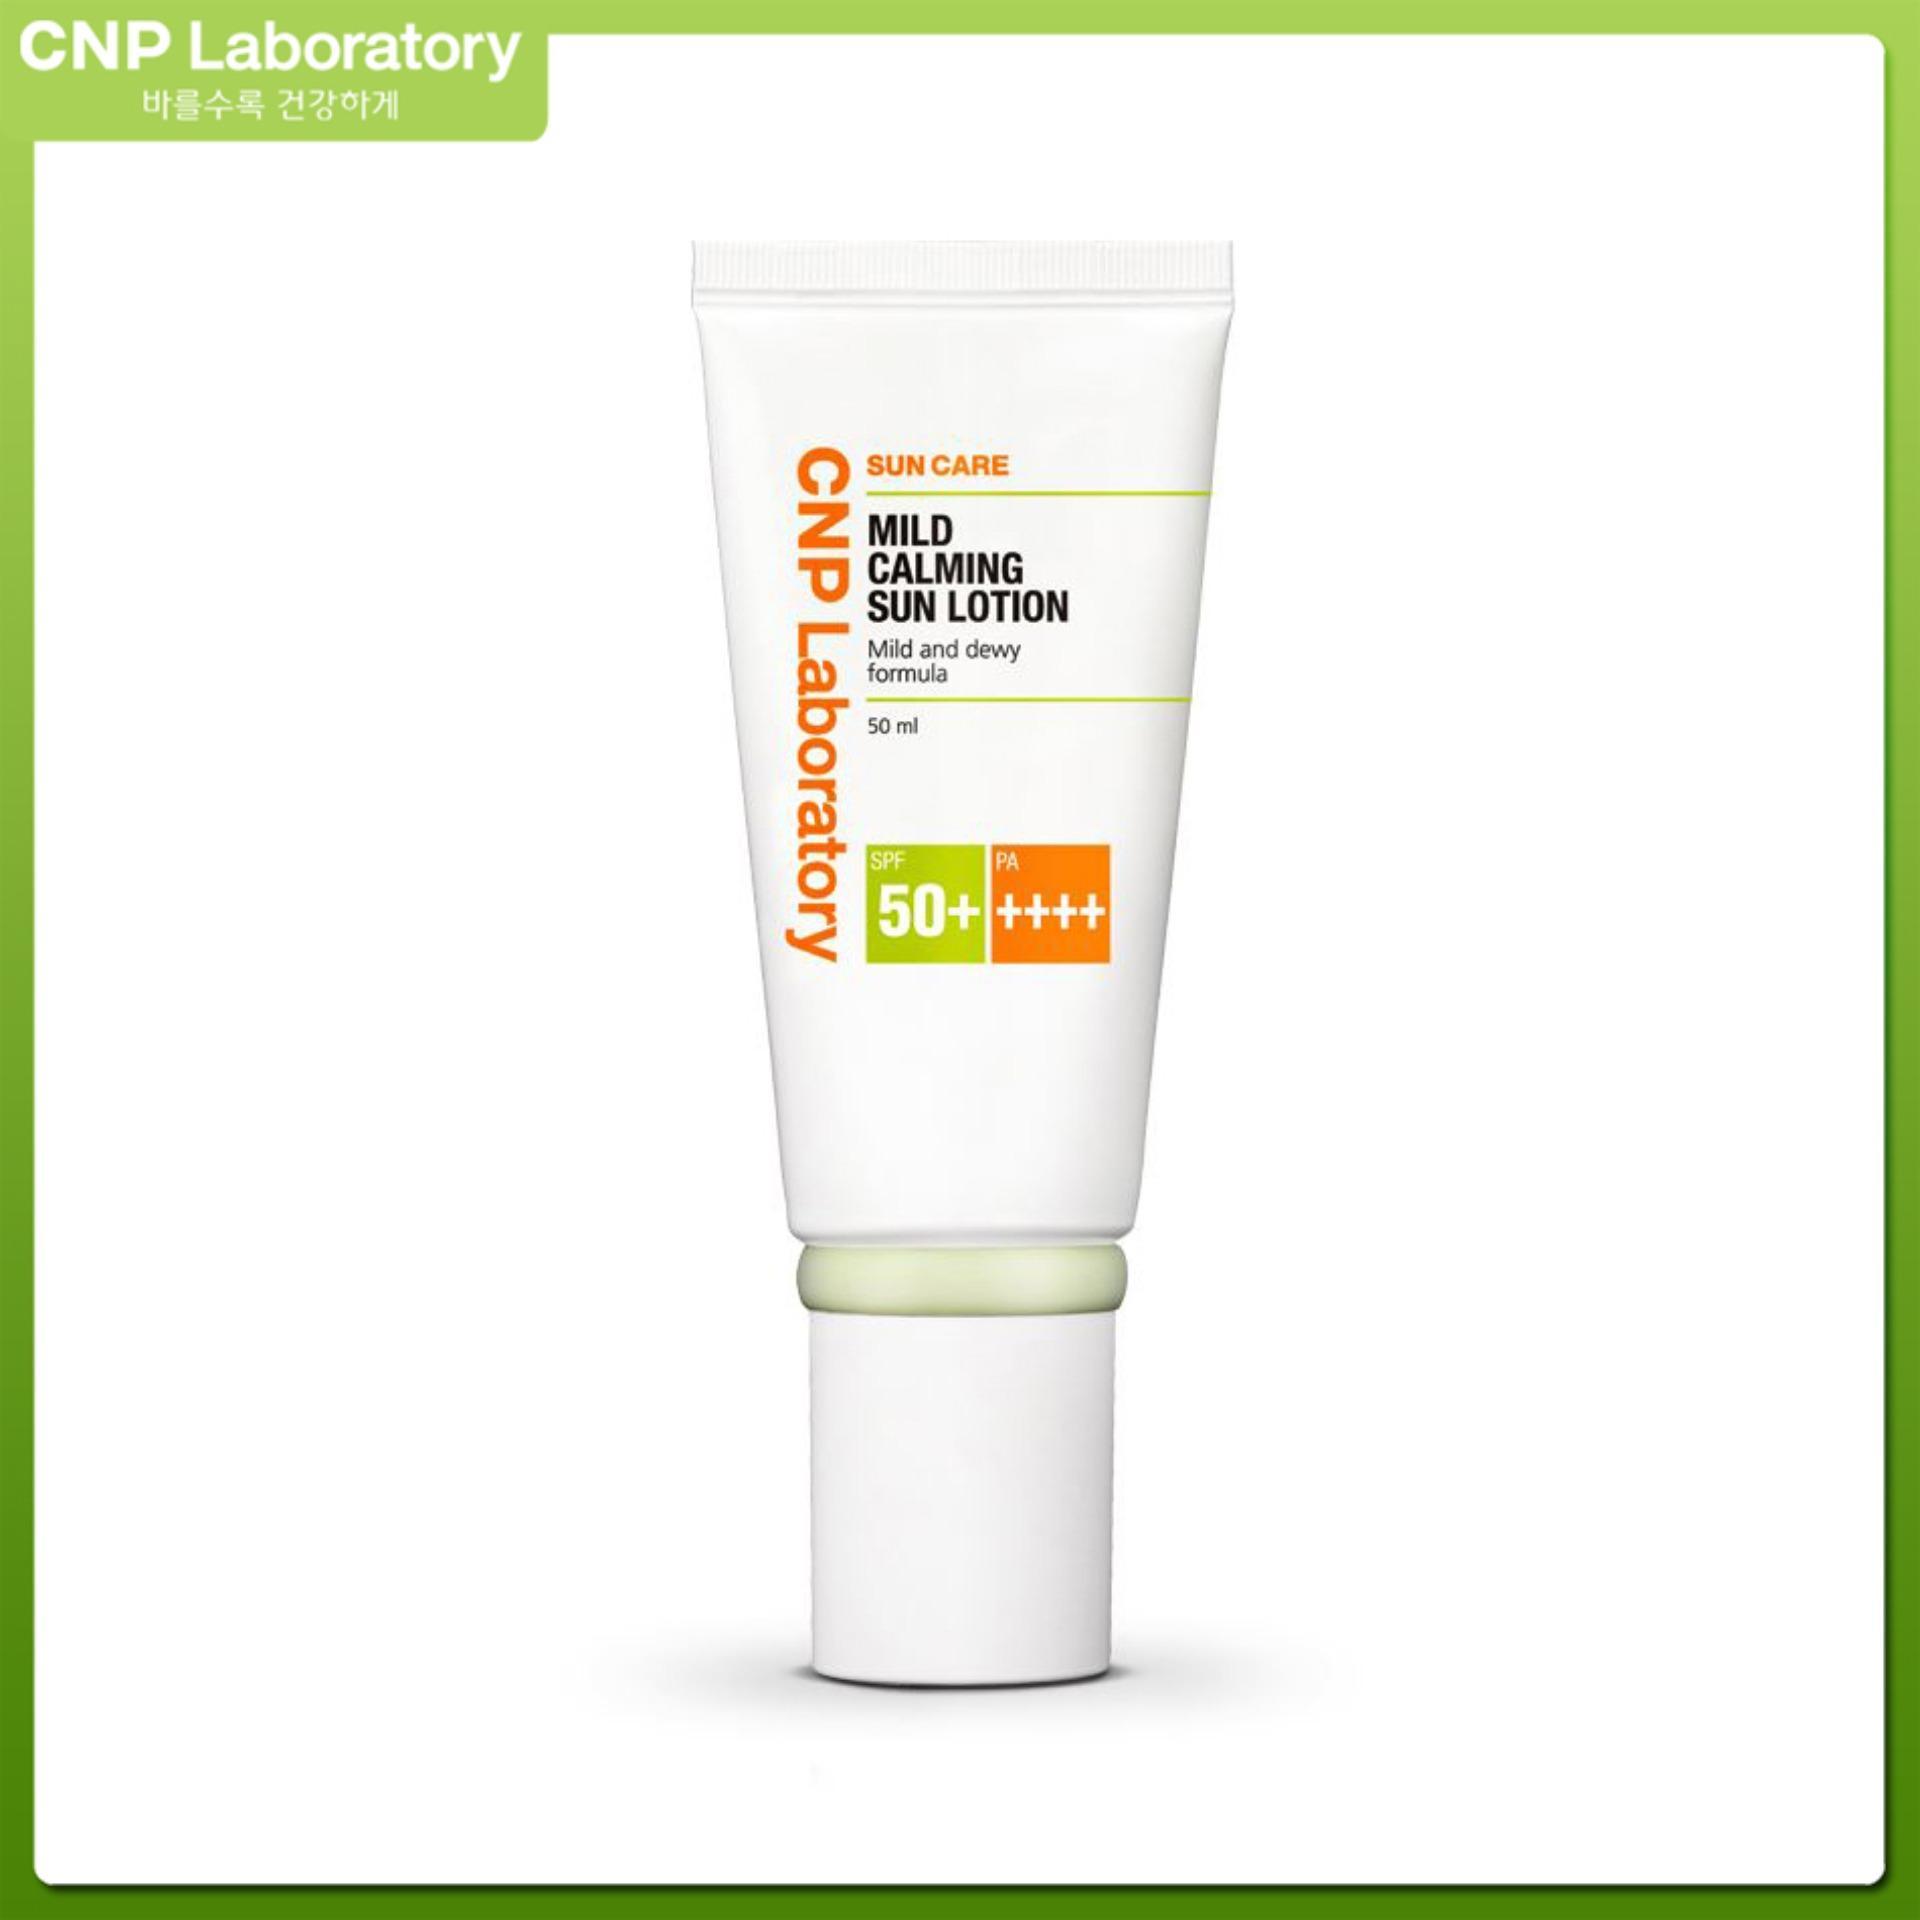 Sữa chống nắng dịu da CNP Laboratory Mild Calming Sun Lotion SPF50/PA++++ 50ml